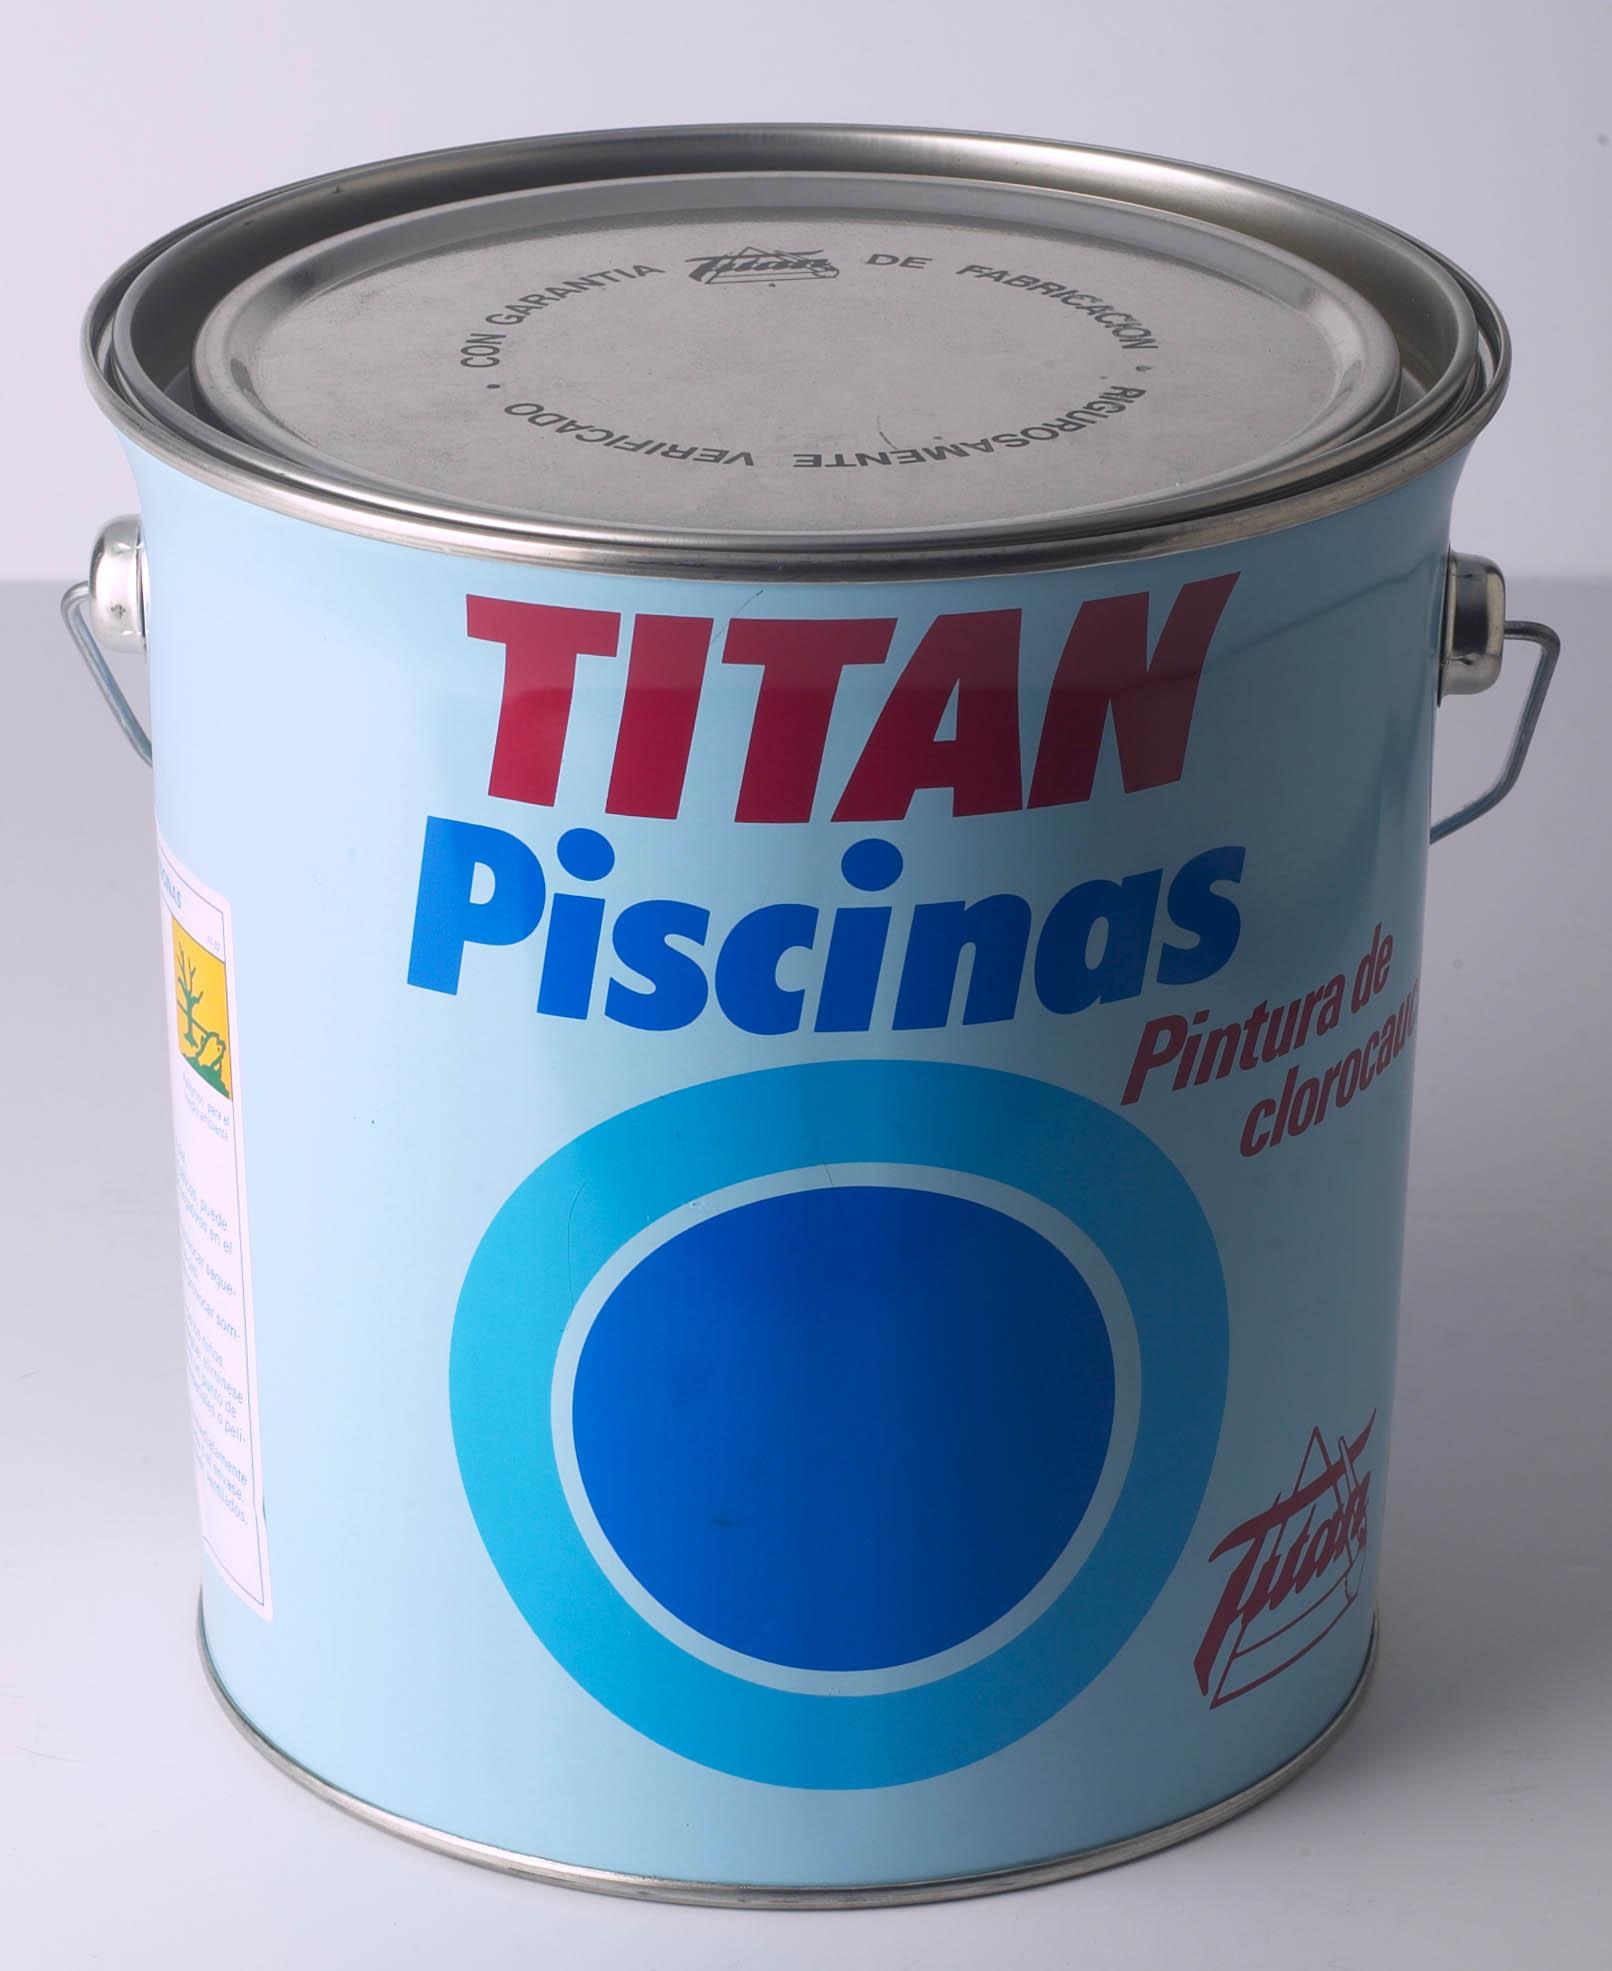 TITAN PISCINAS CLOROCAUCHO.